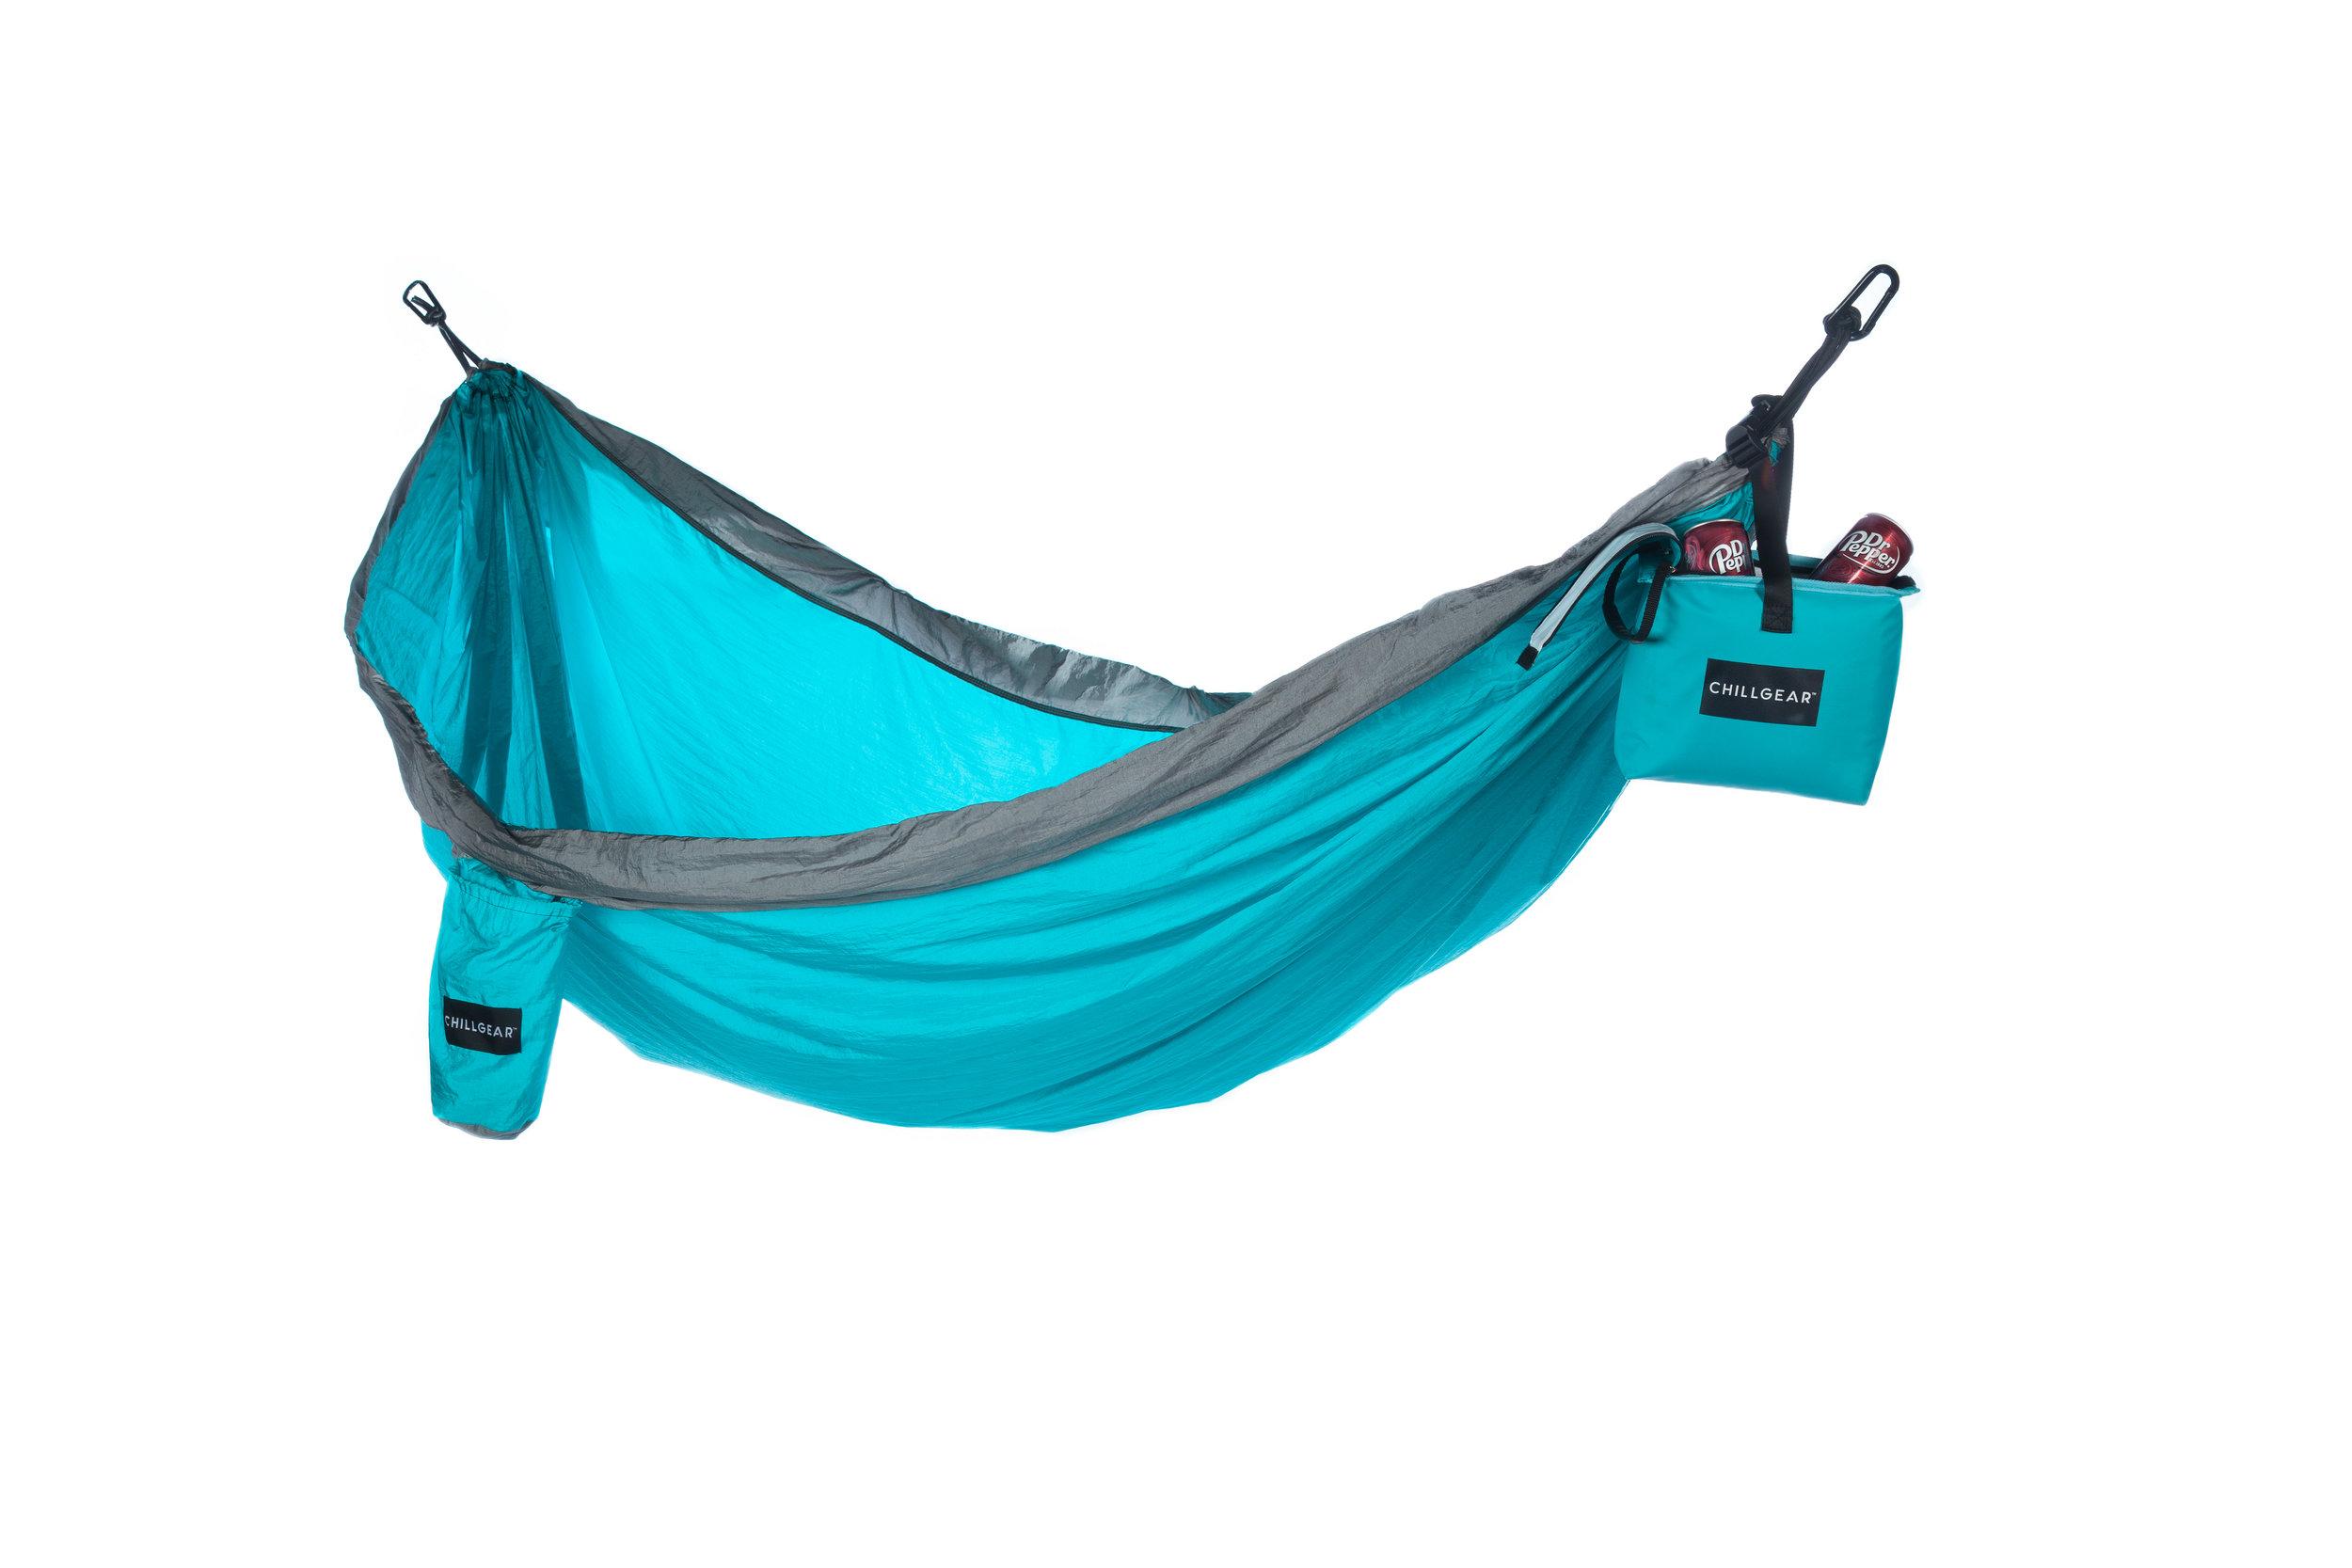 chillgear hammock-2.jpg